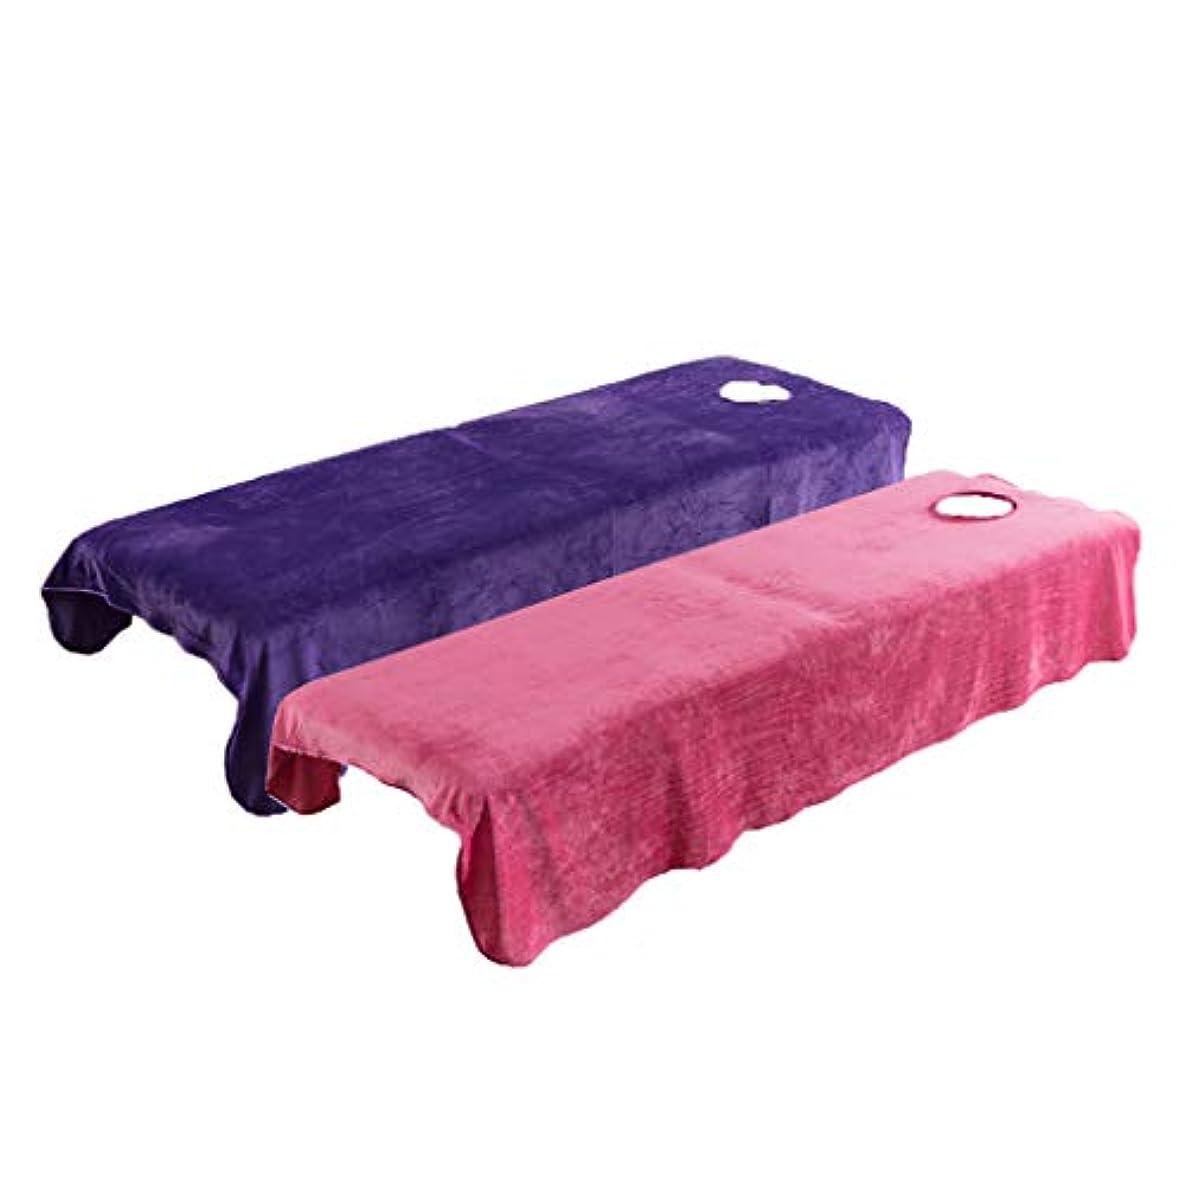 読書フィットネス議会2点セット マッサージベッドカバー 有孔 スパ 美容ベッドカバー クリスタルベルベット素材 120x190cm